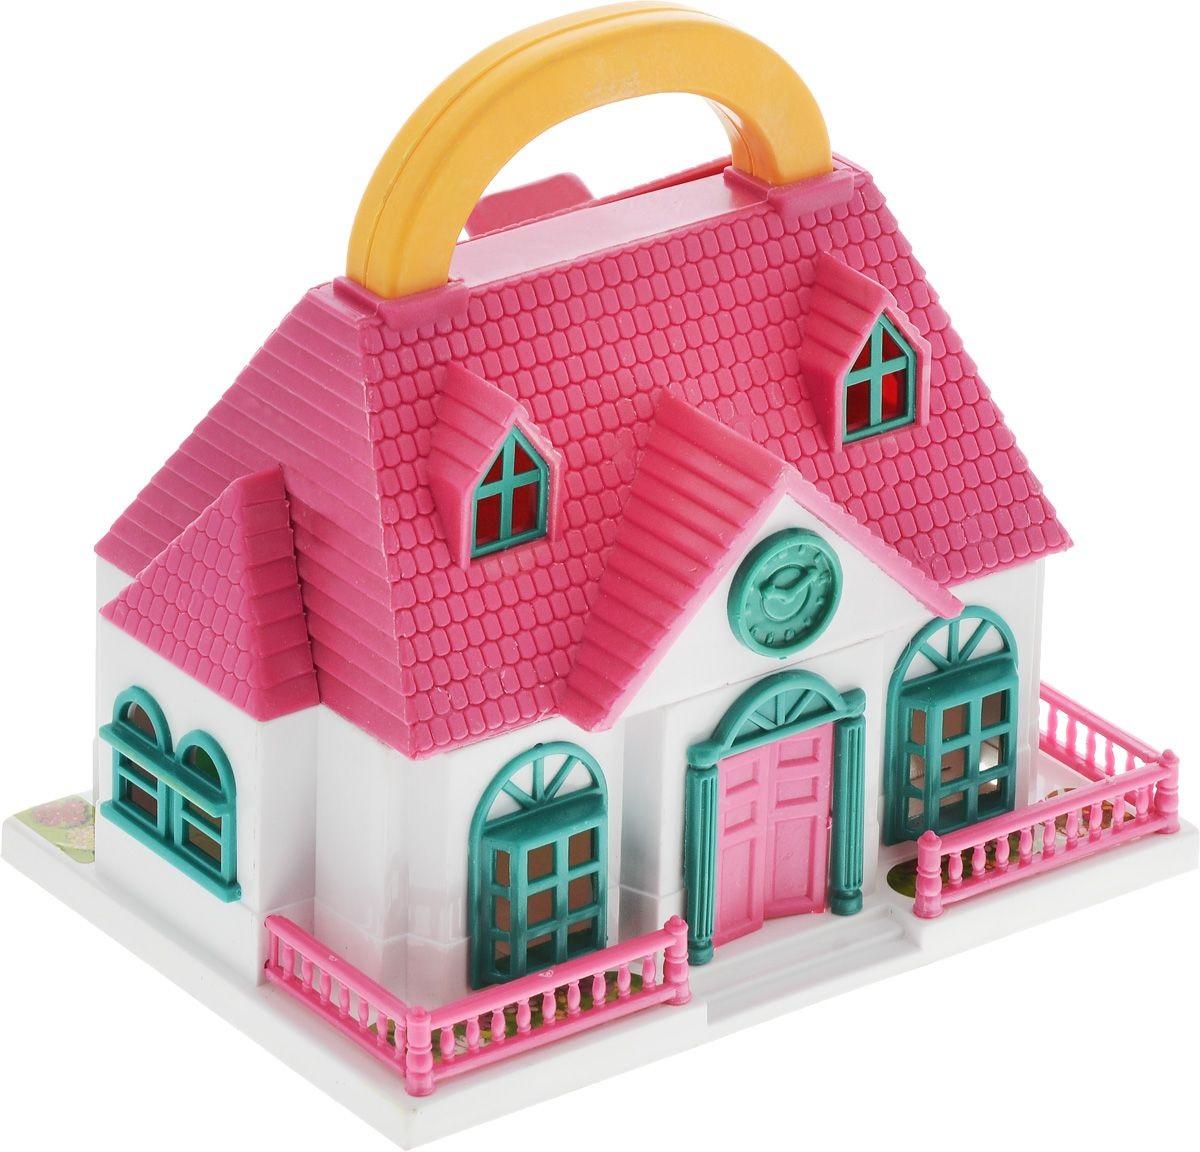 Игровой домик серии В гостх у куклыКукольные домики<br>Игровой домик серии В гостх у куклы<br>